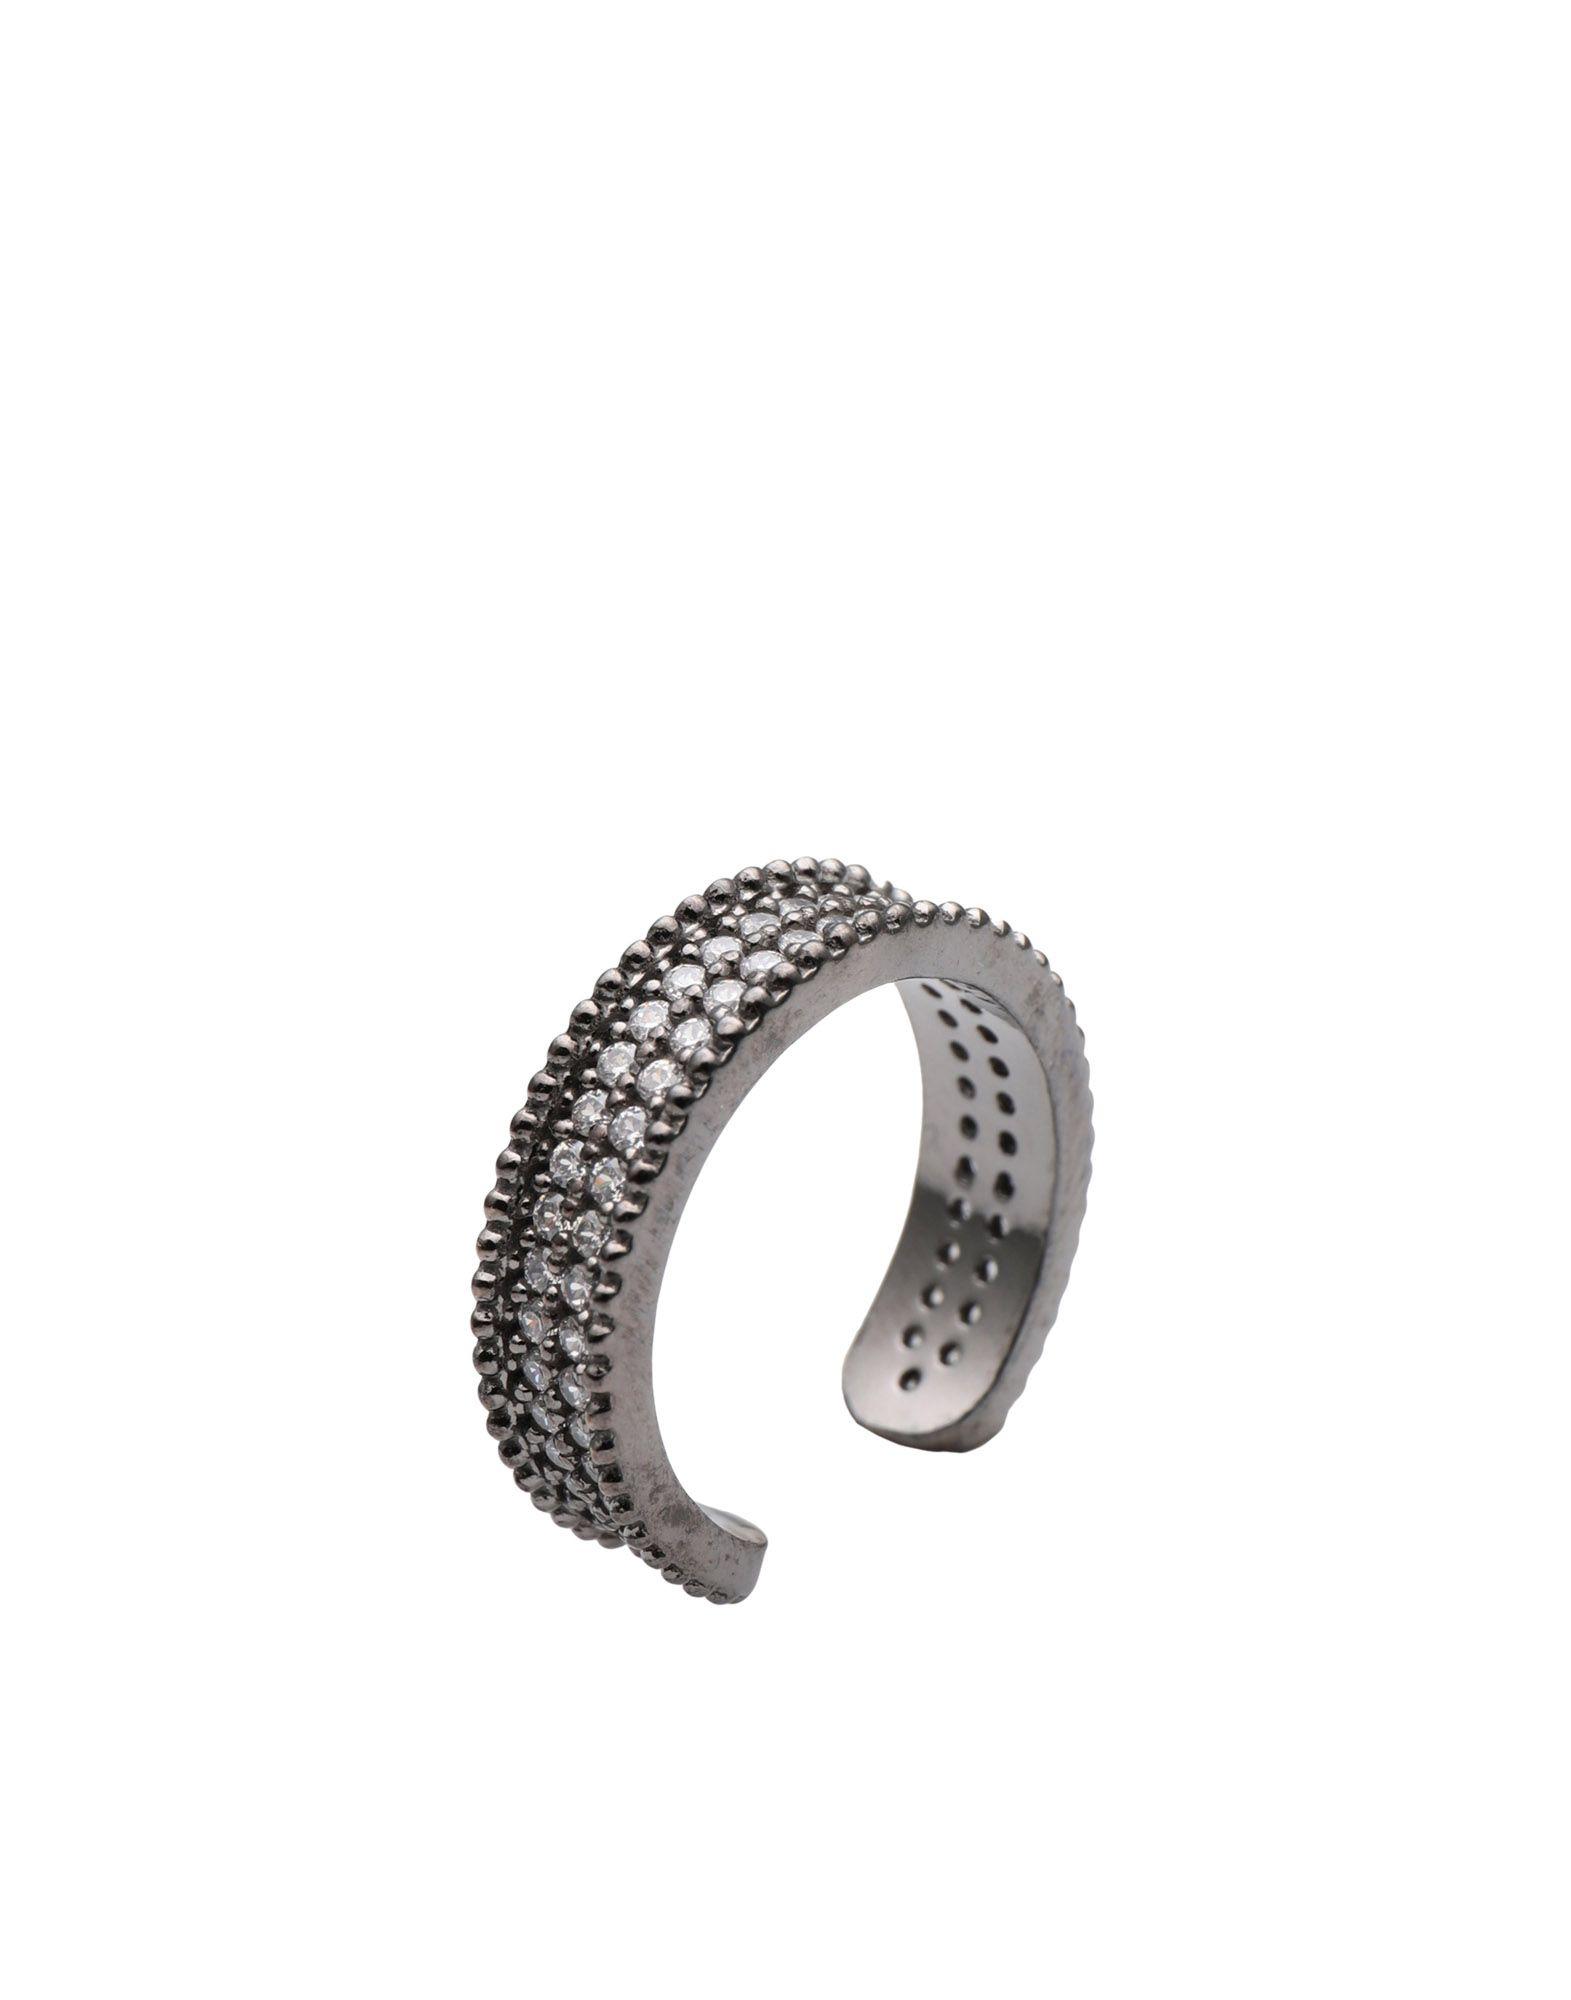 《セール開催中》FIRST PEOPLE FIRST レディース 指輪 鉛色 7 シルバー925/1000 / 18金メッキ / キュービックジルコニア Concordia Zircon Double Allover Ring